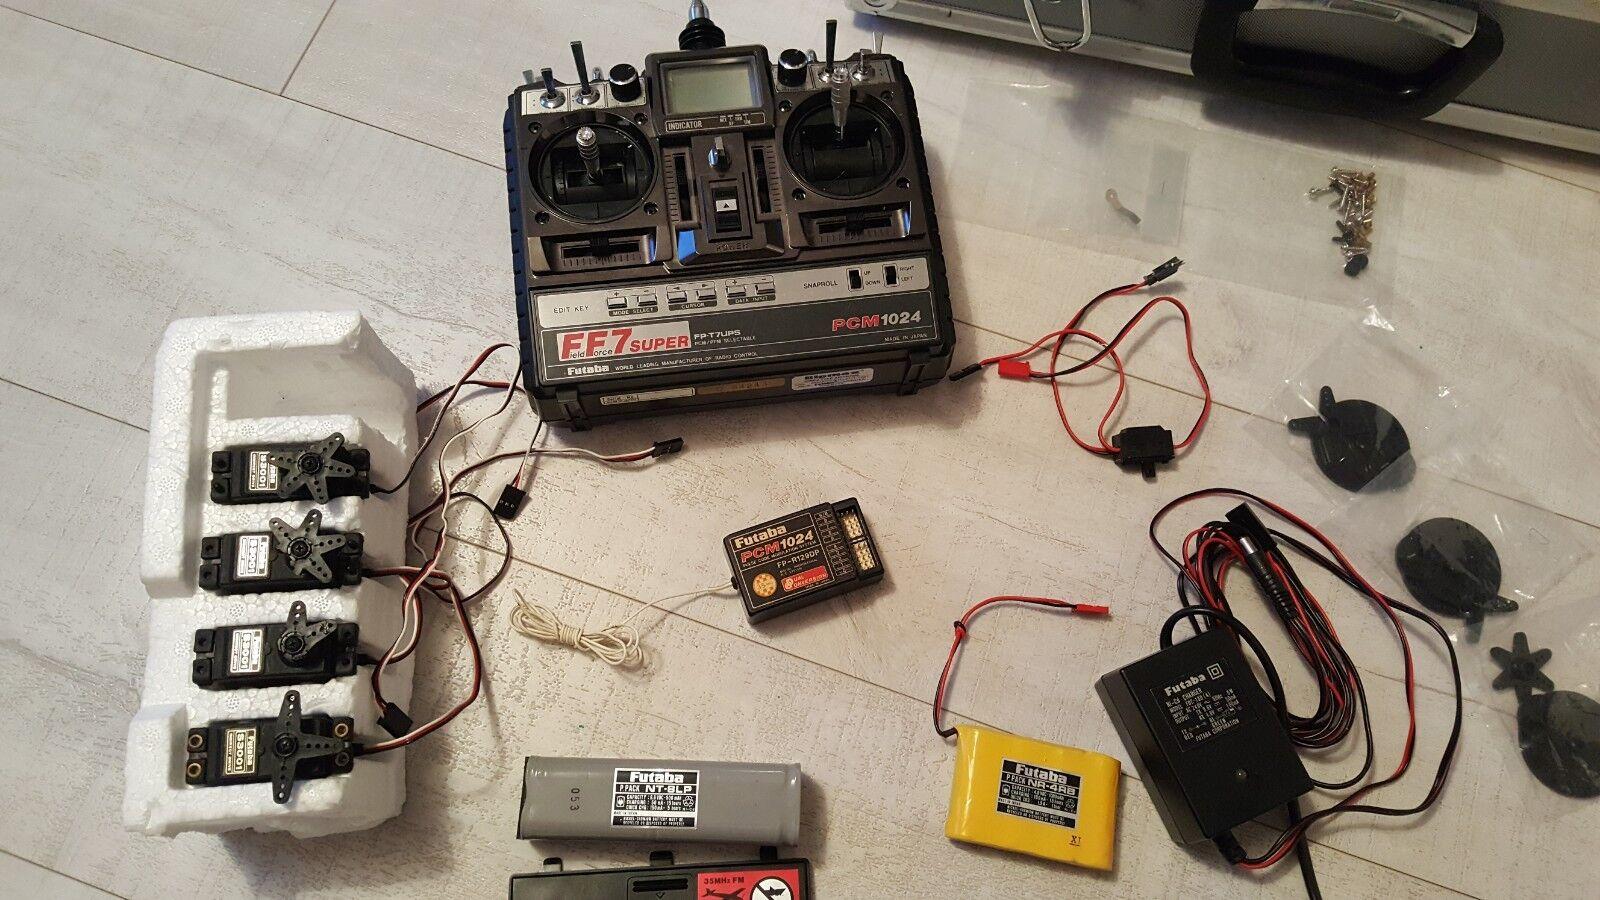 FUTUBA PCM 1024 controller & micro receivers